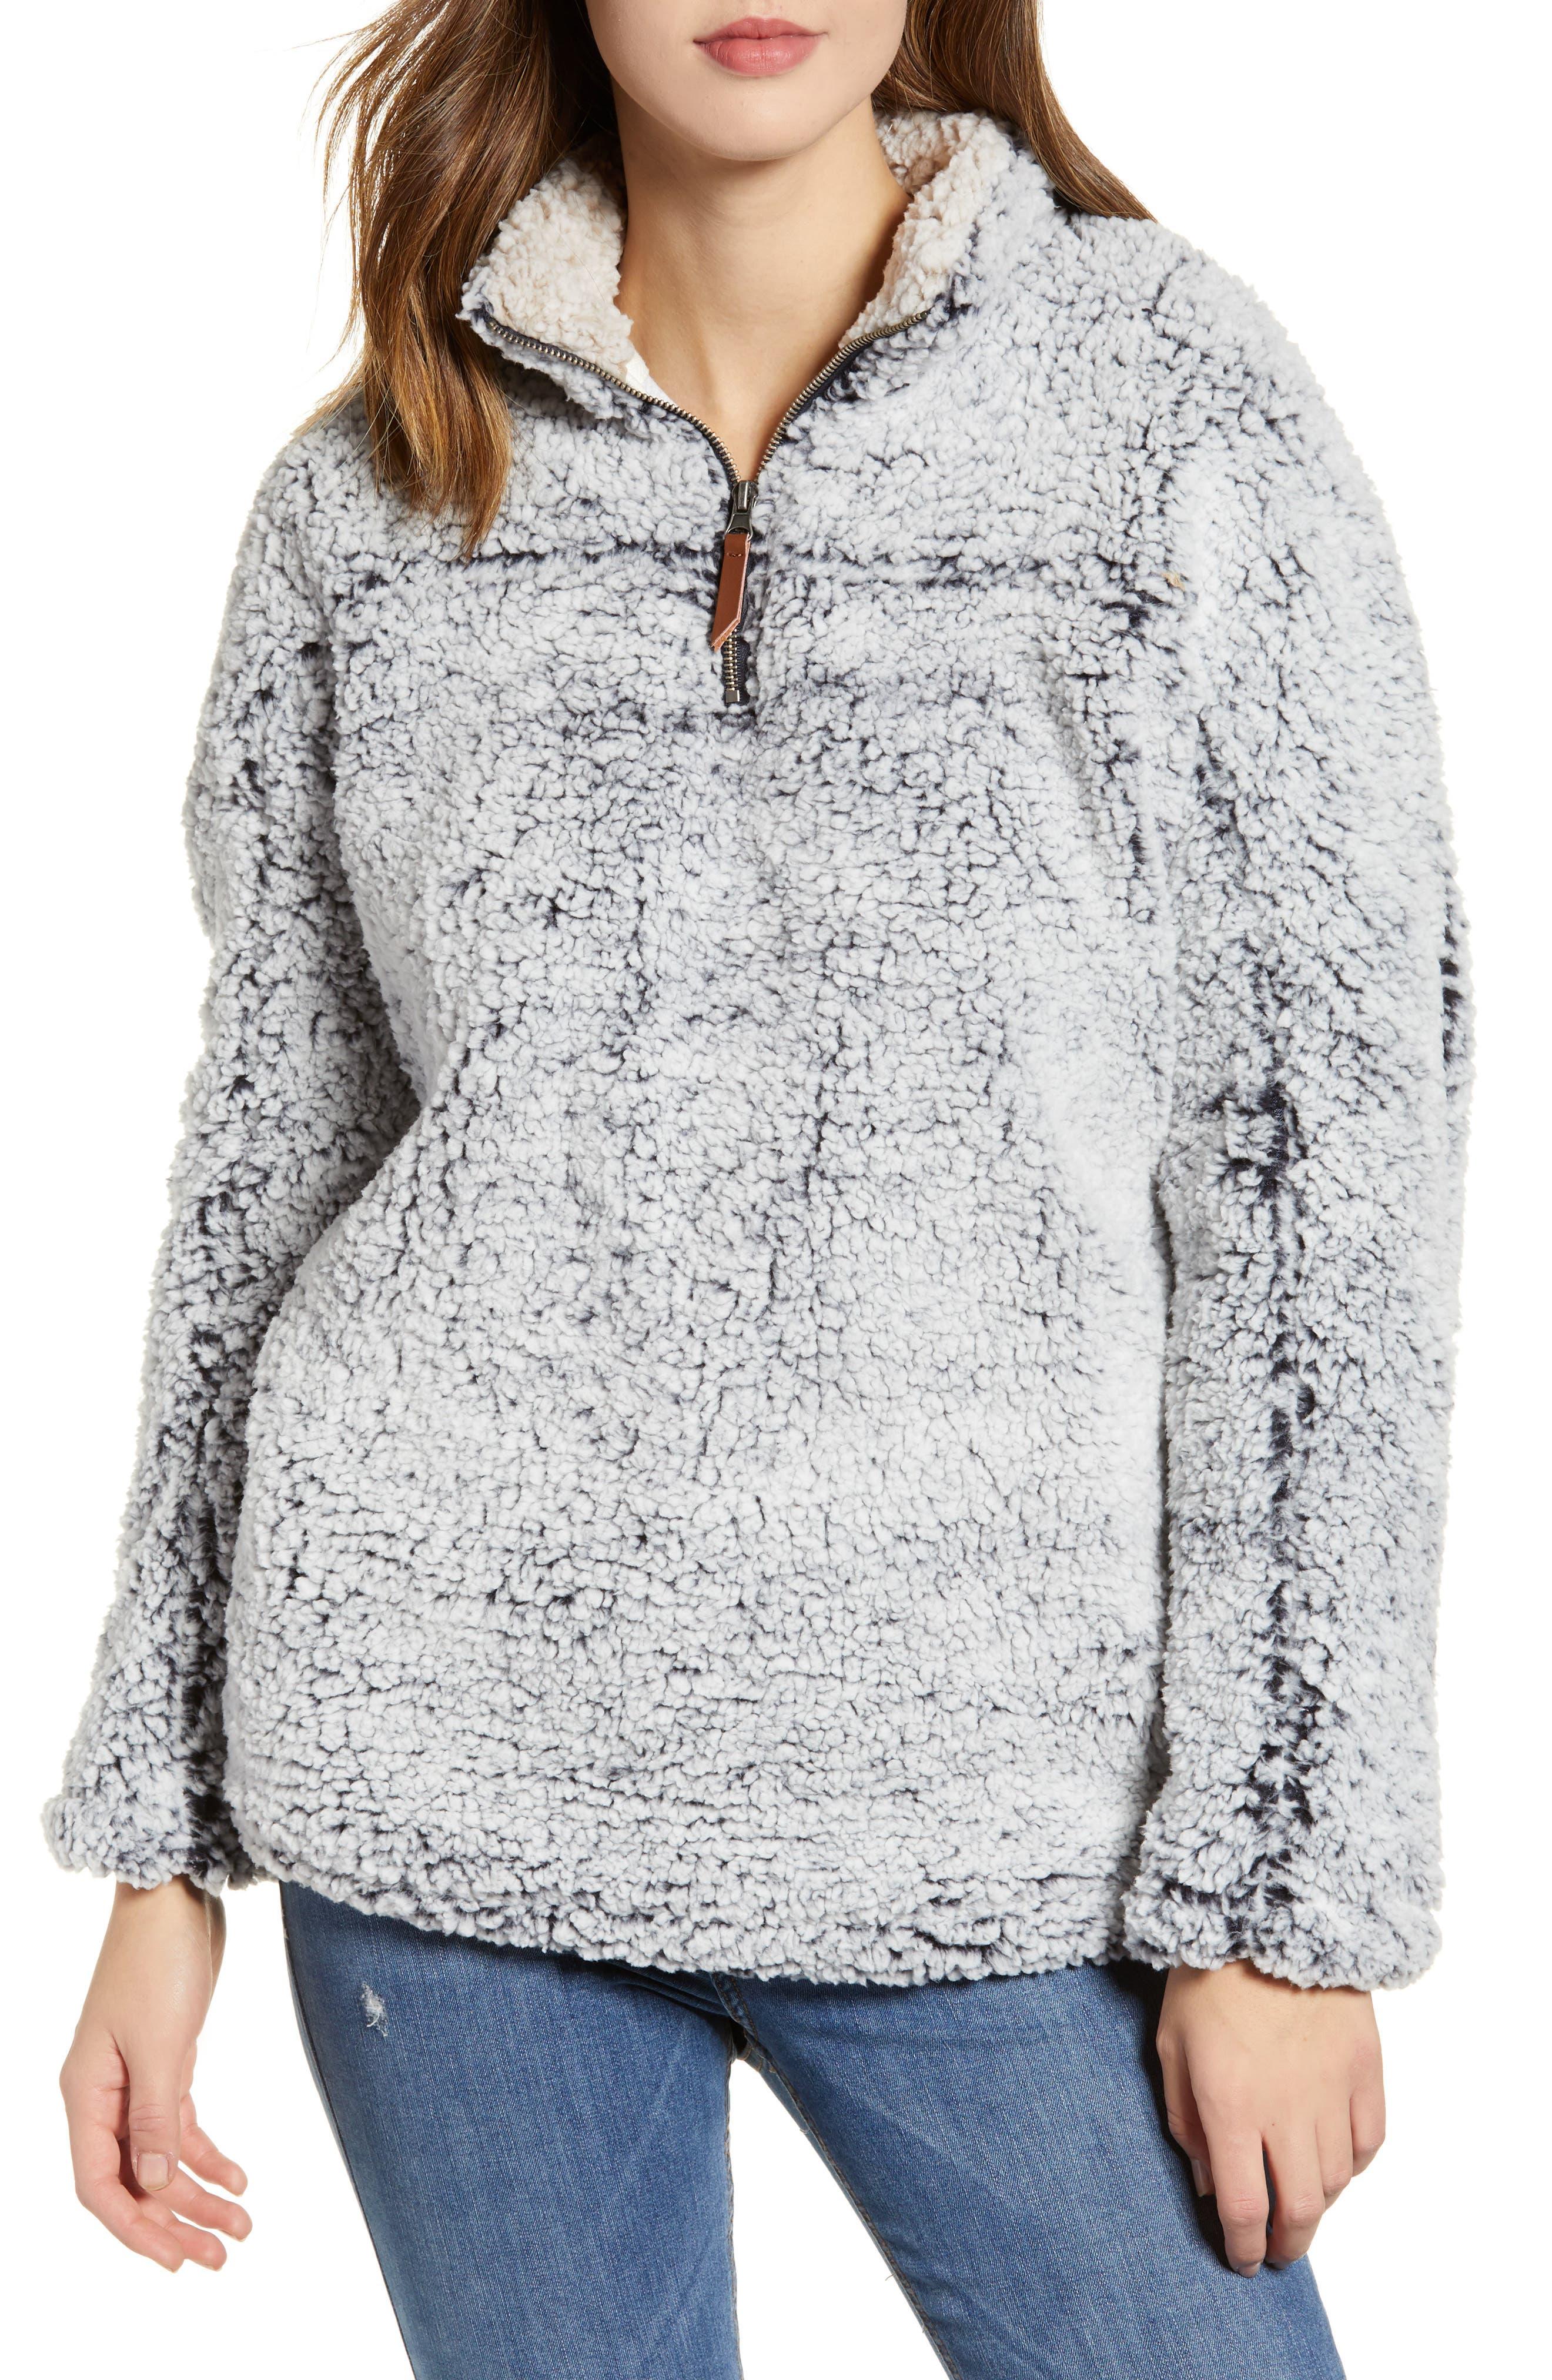 Wubby Fleece Pullover,                         Main,                         color, INDIGO